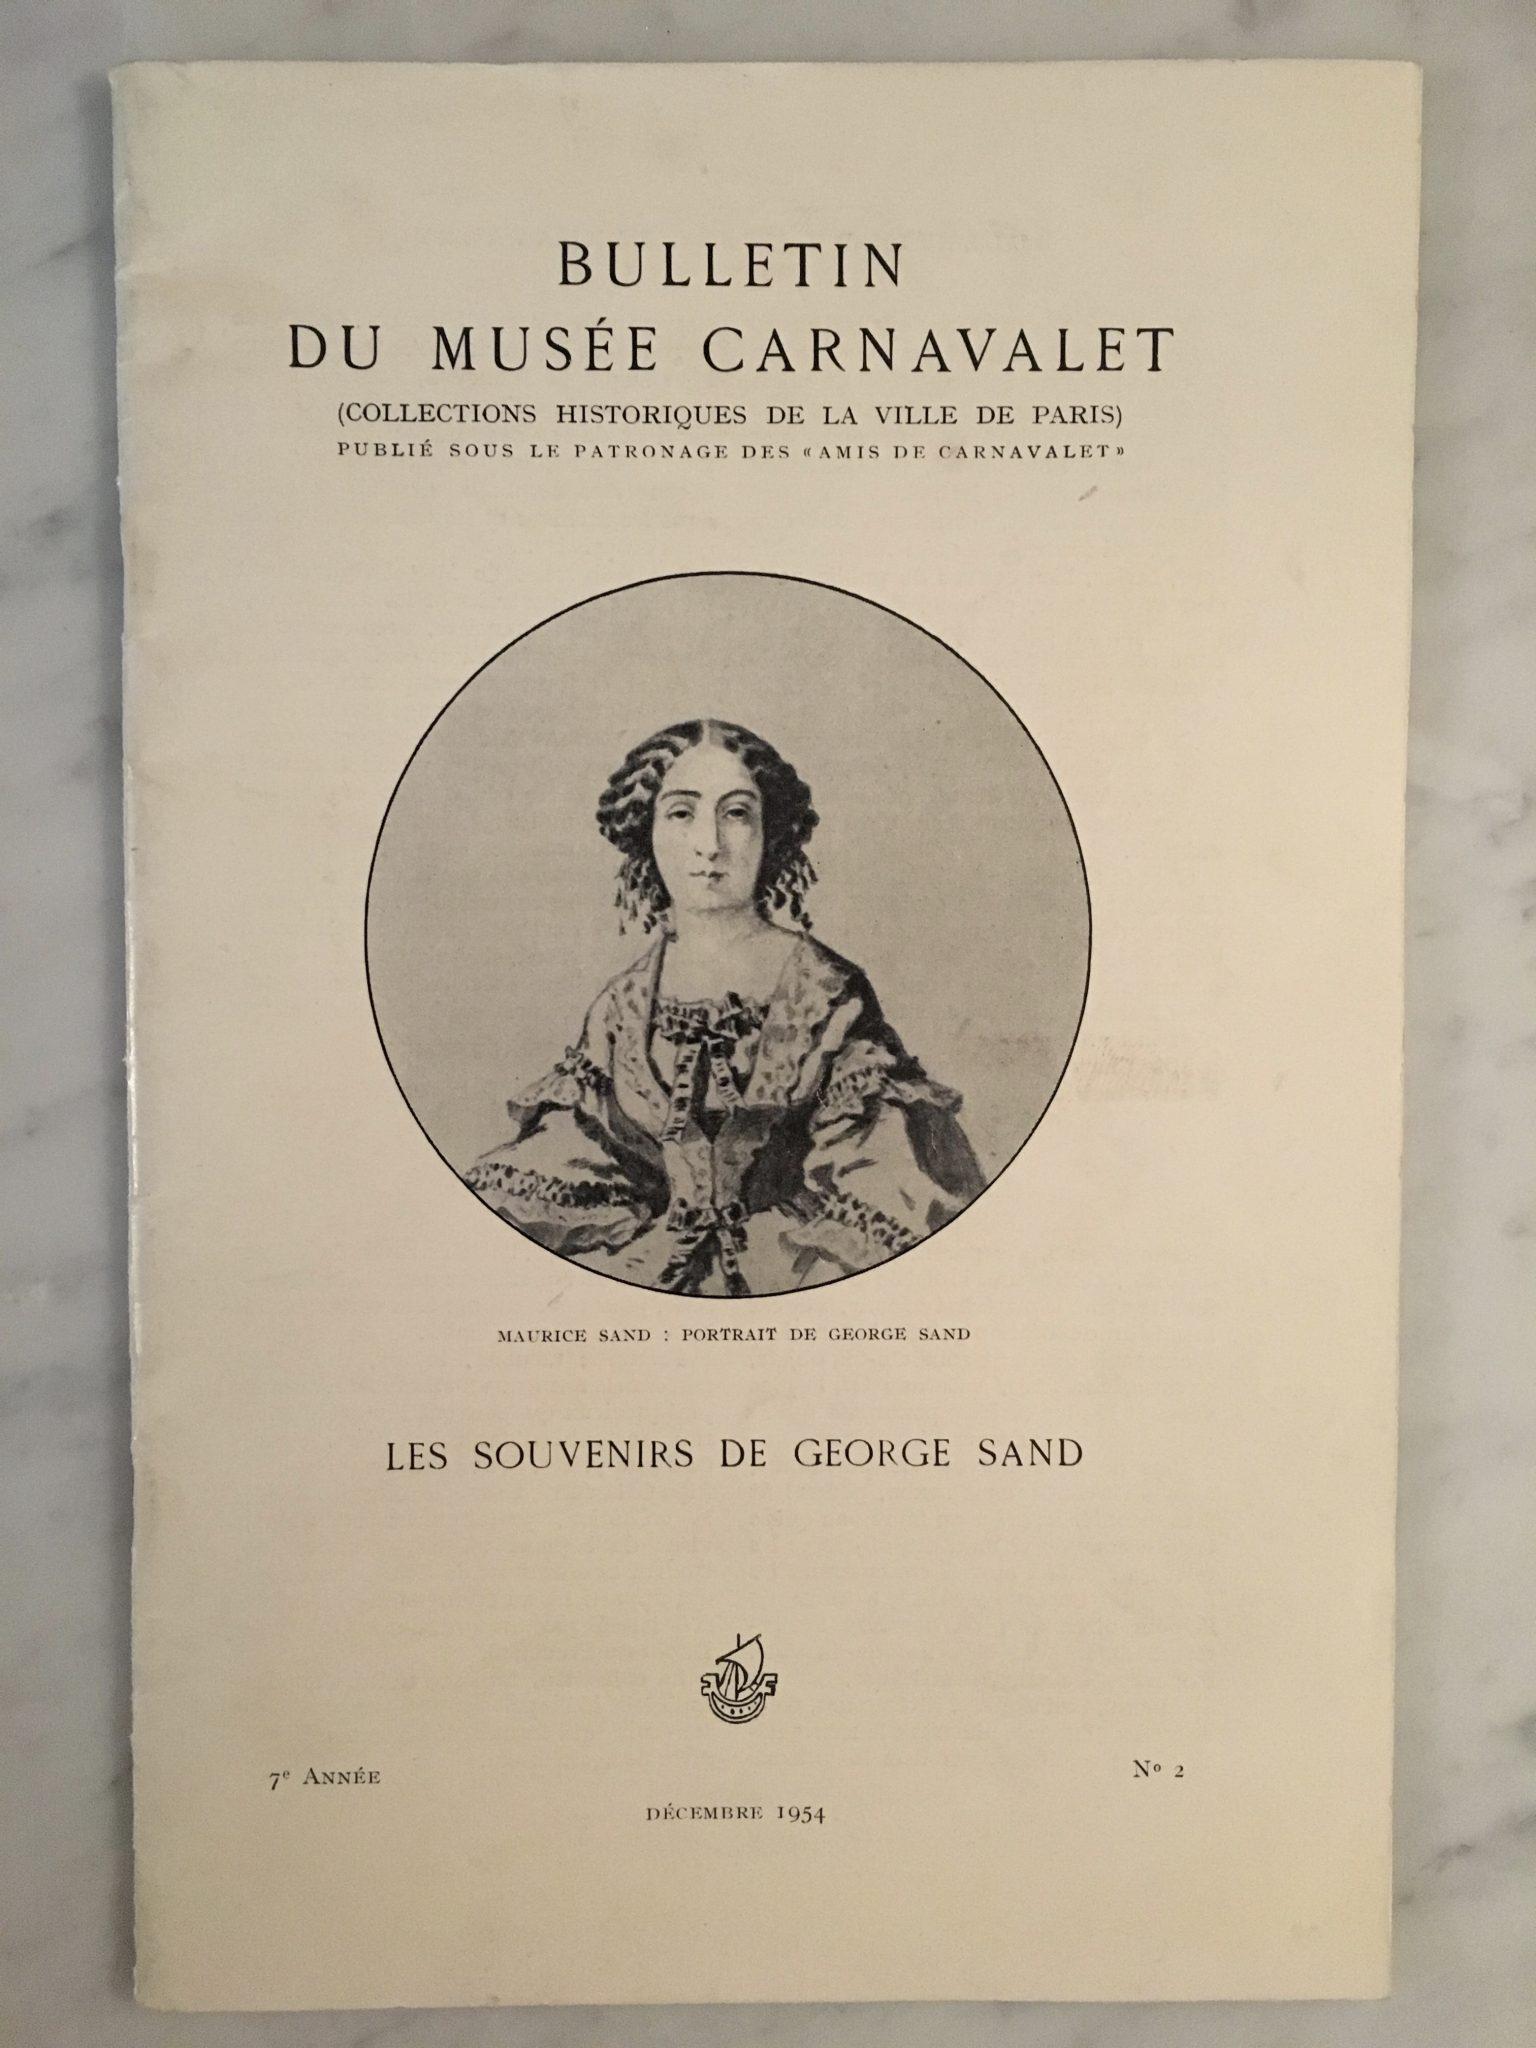 Les souvenirs de George Sand